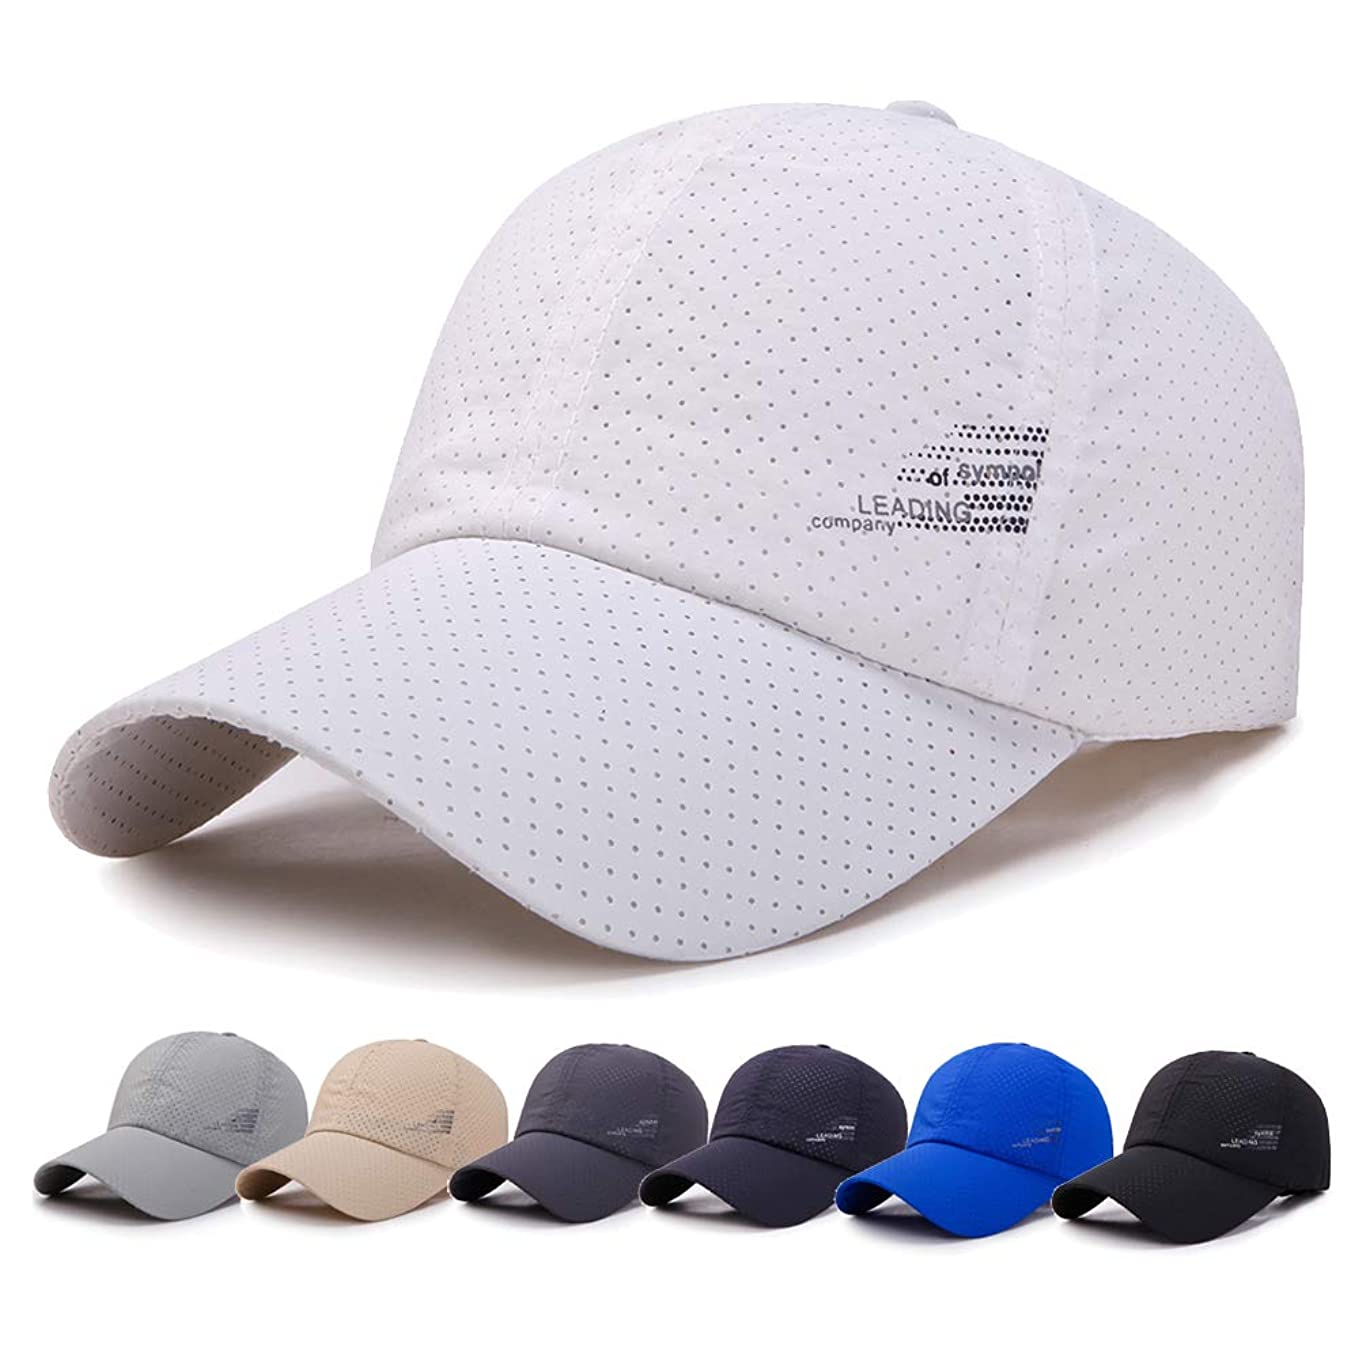 ダムカメラナラーバーメッシュキャップ, 帽子 メンズ 通気性抜群 日除け UVカット 紫外線対策スポーツ帽子,男女兼用 速乾 軽薄 日よけ野球帽,登山 釣り ゴルフ 運転 アウトドアなどにメッシュ帽